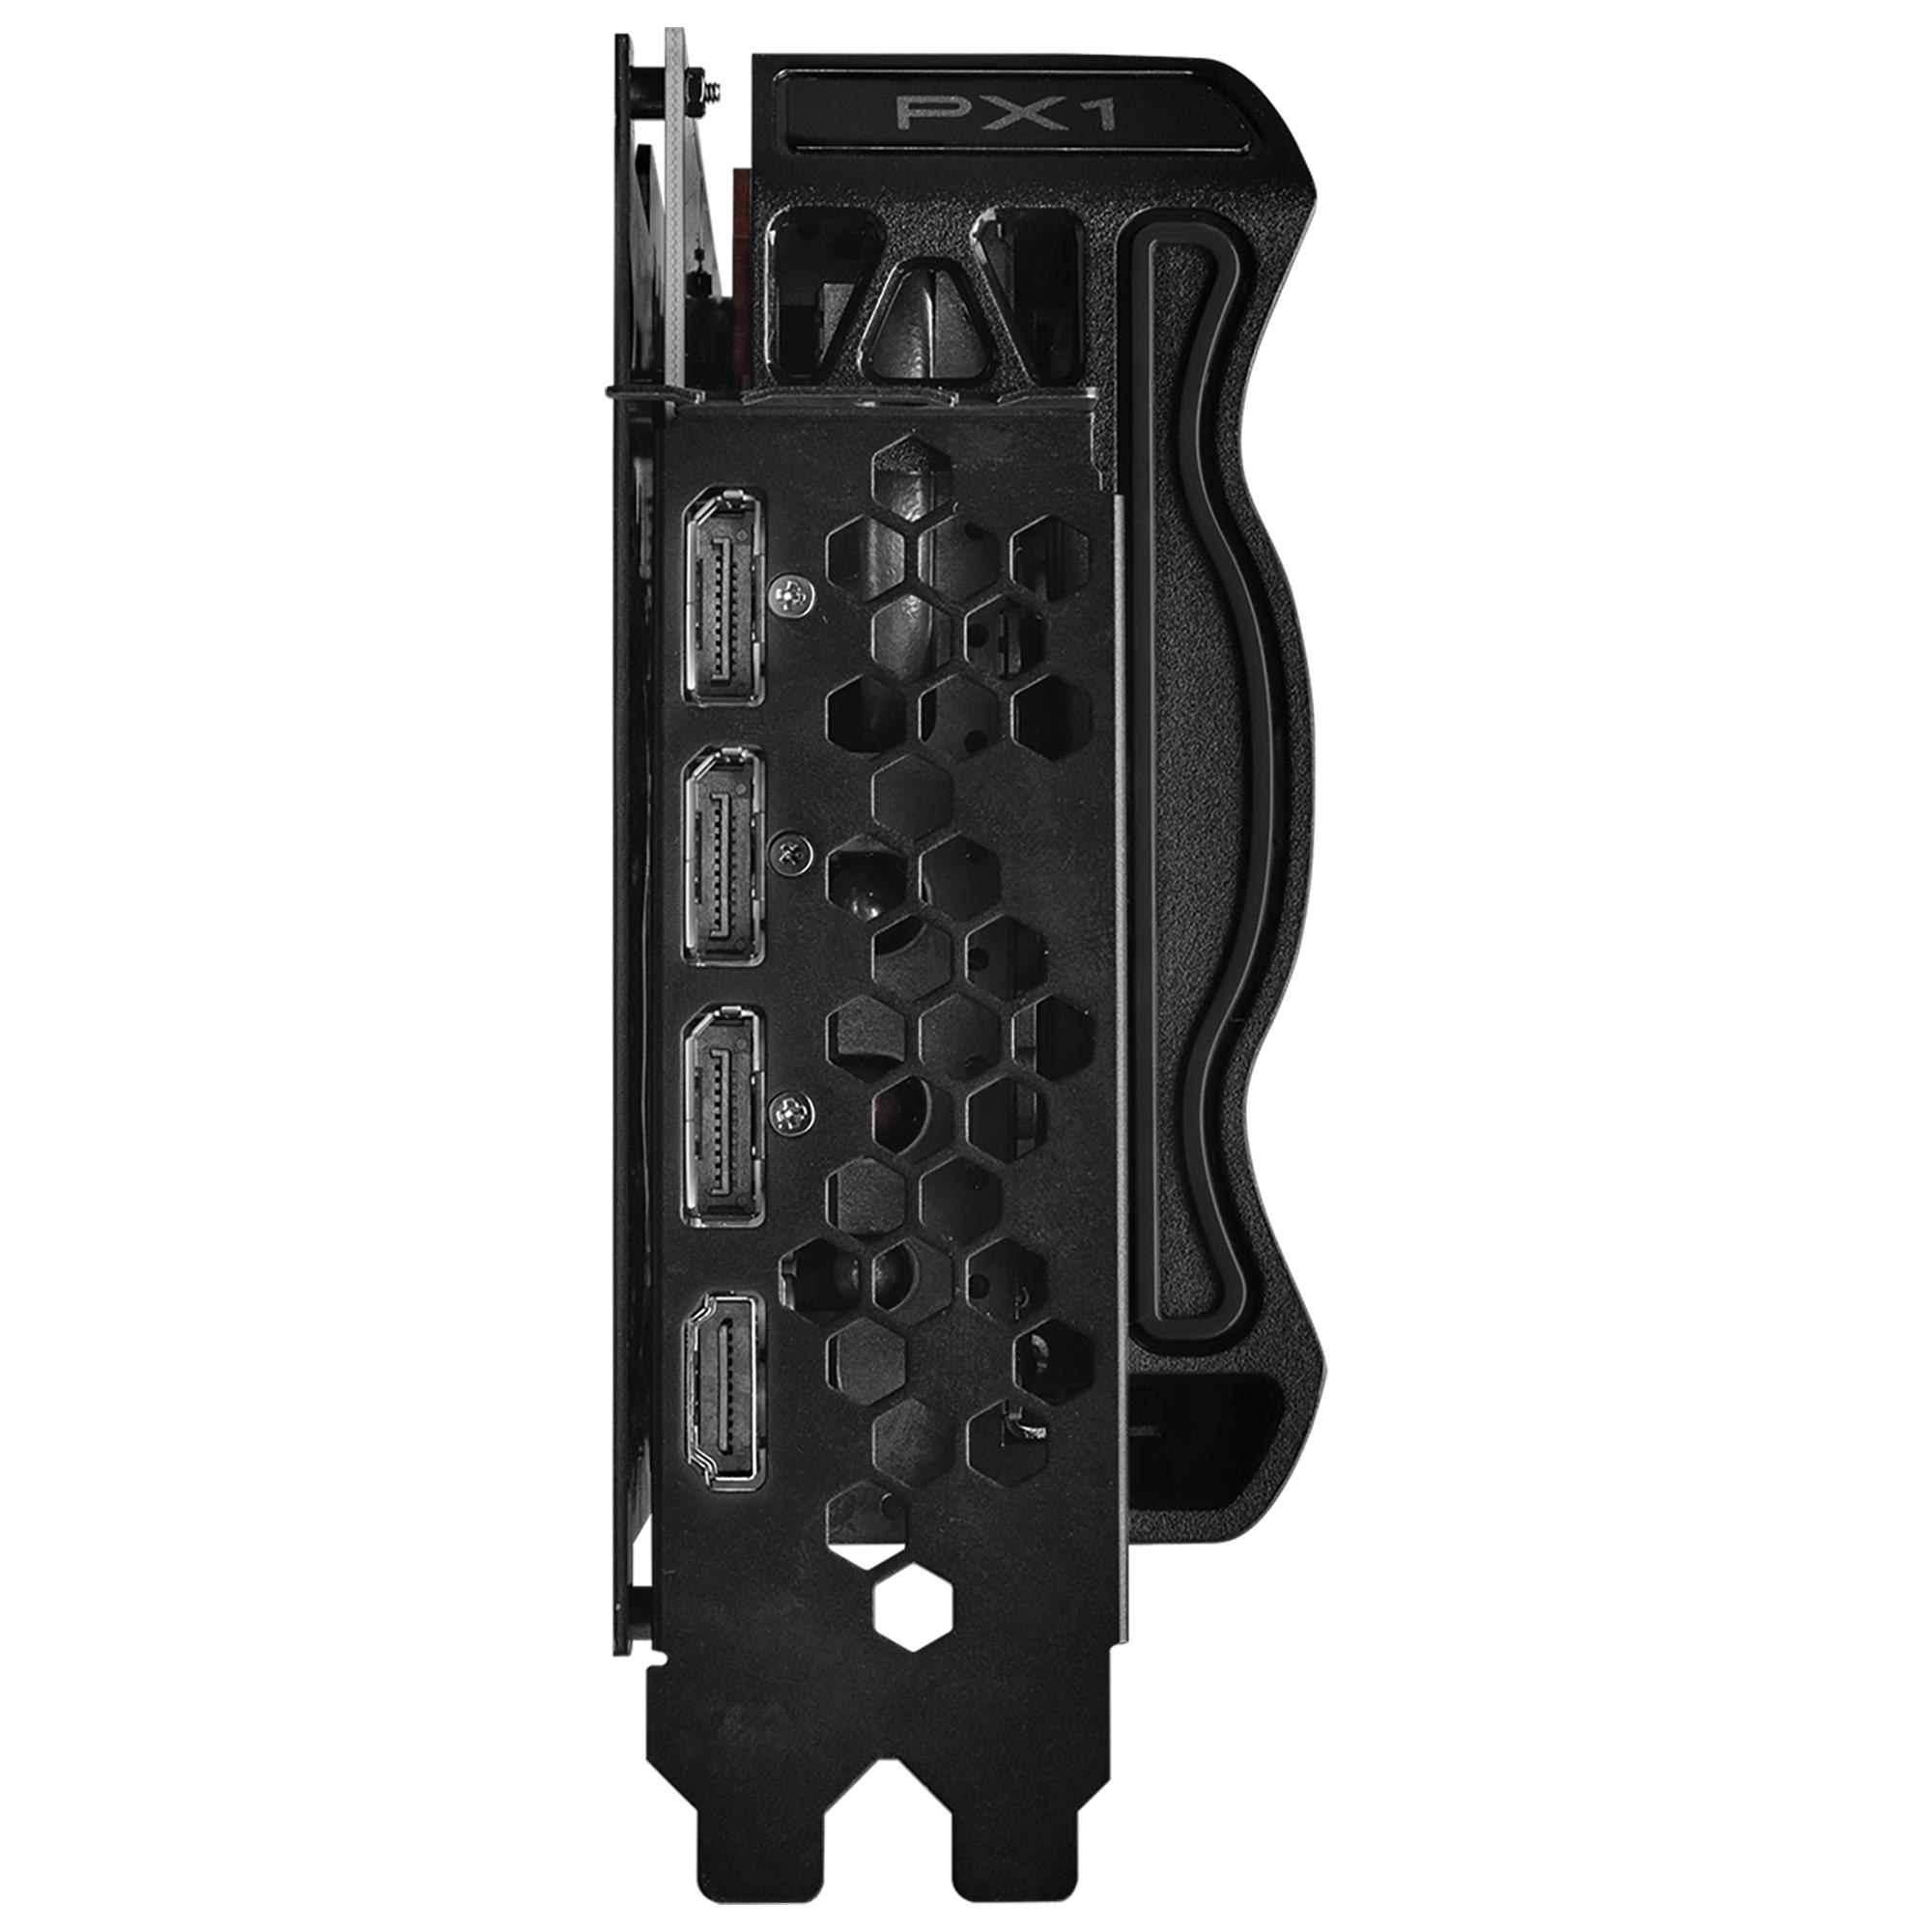 LHR - RTX 3080 FTW3 ULTRA ARGB - EVGA